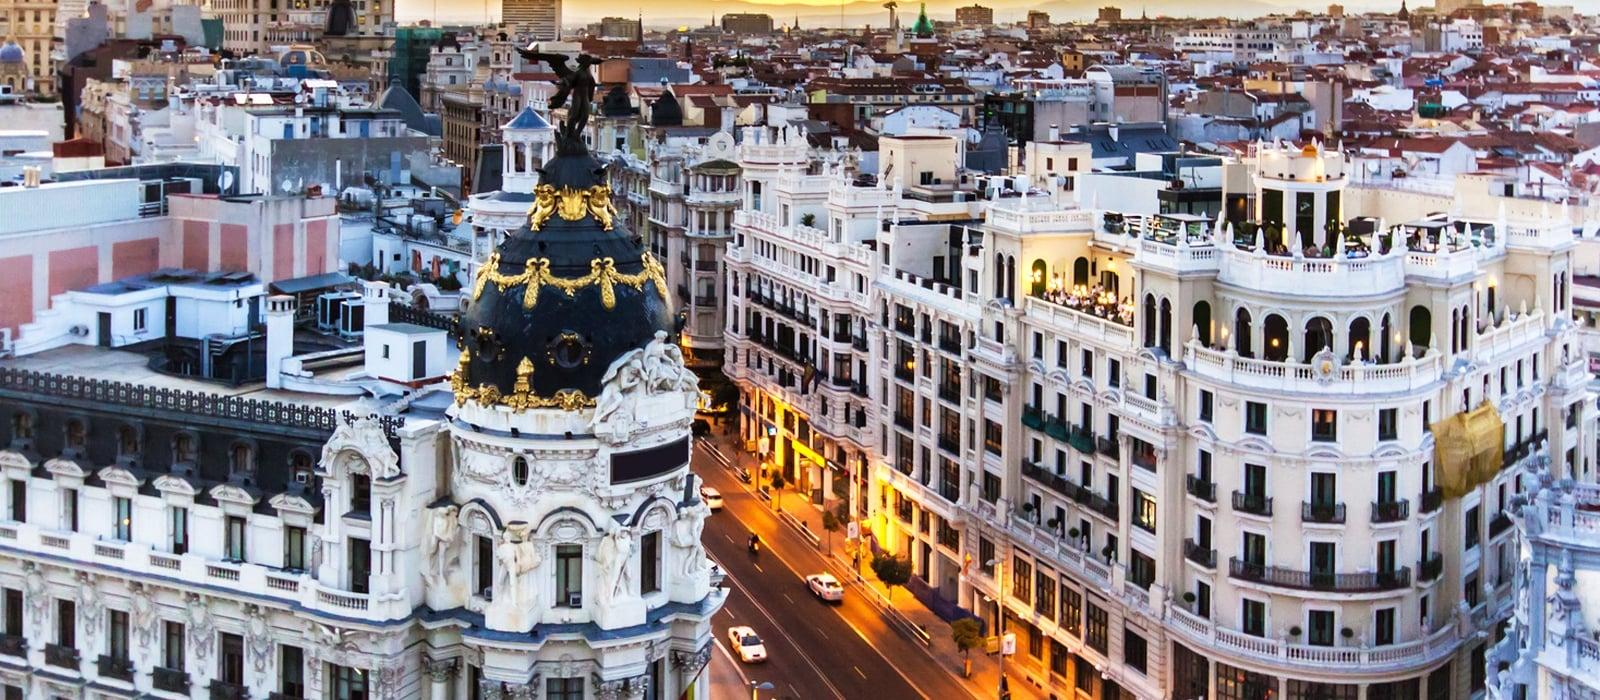 Hoteles de 4 y 5 estrellas en espa a vincci hoteles for Listado hoteles 5 estrellas madrid